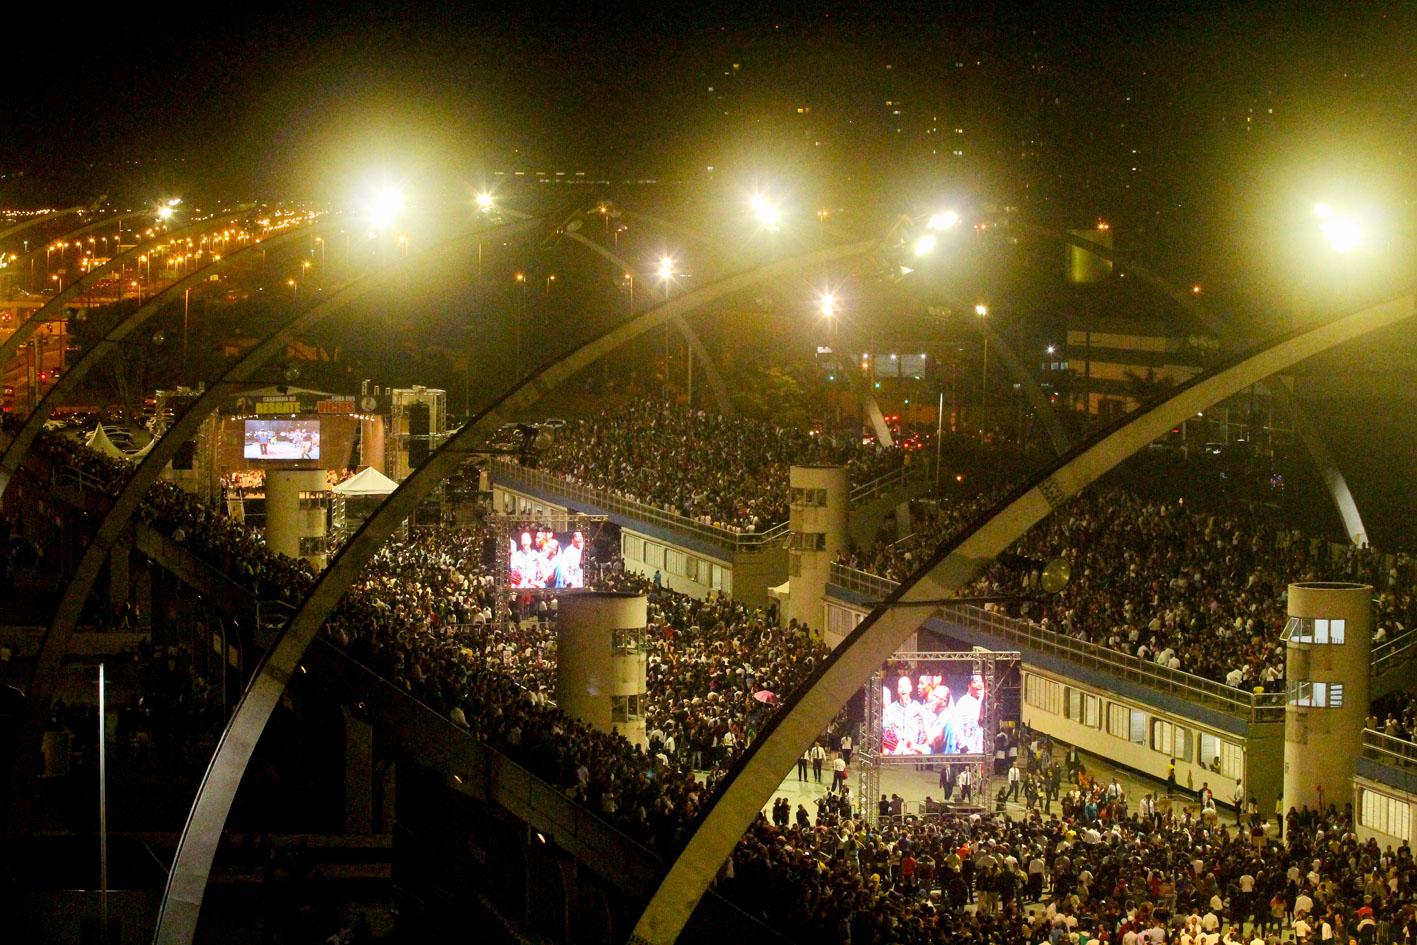 Caravana do Resgate e Cura dos Vícios no Sambódromo de São Paulo